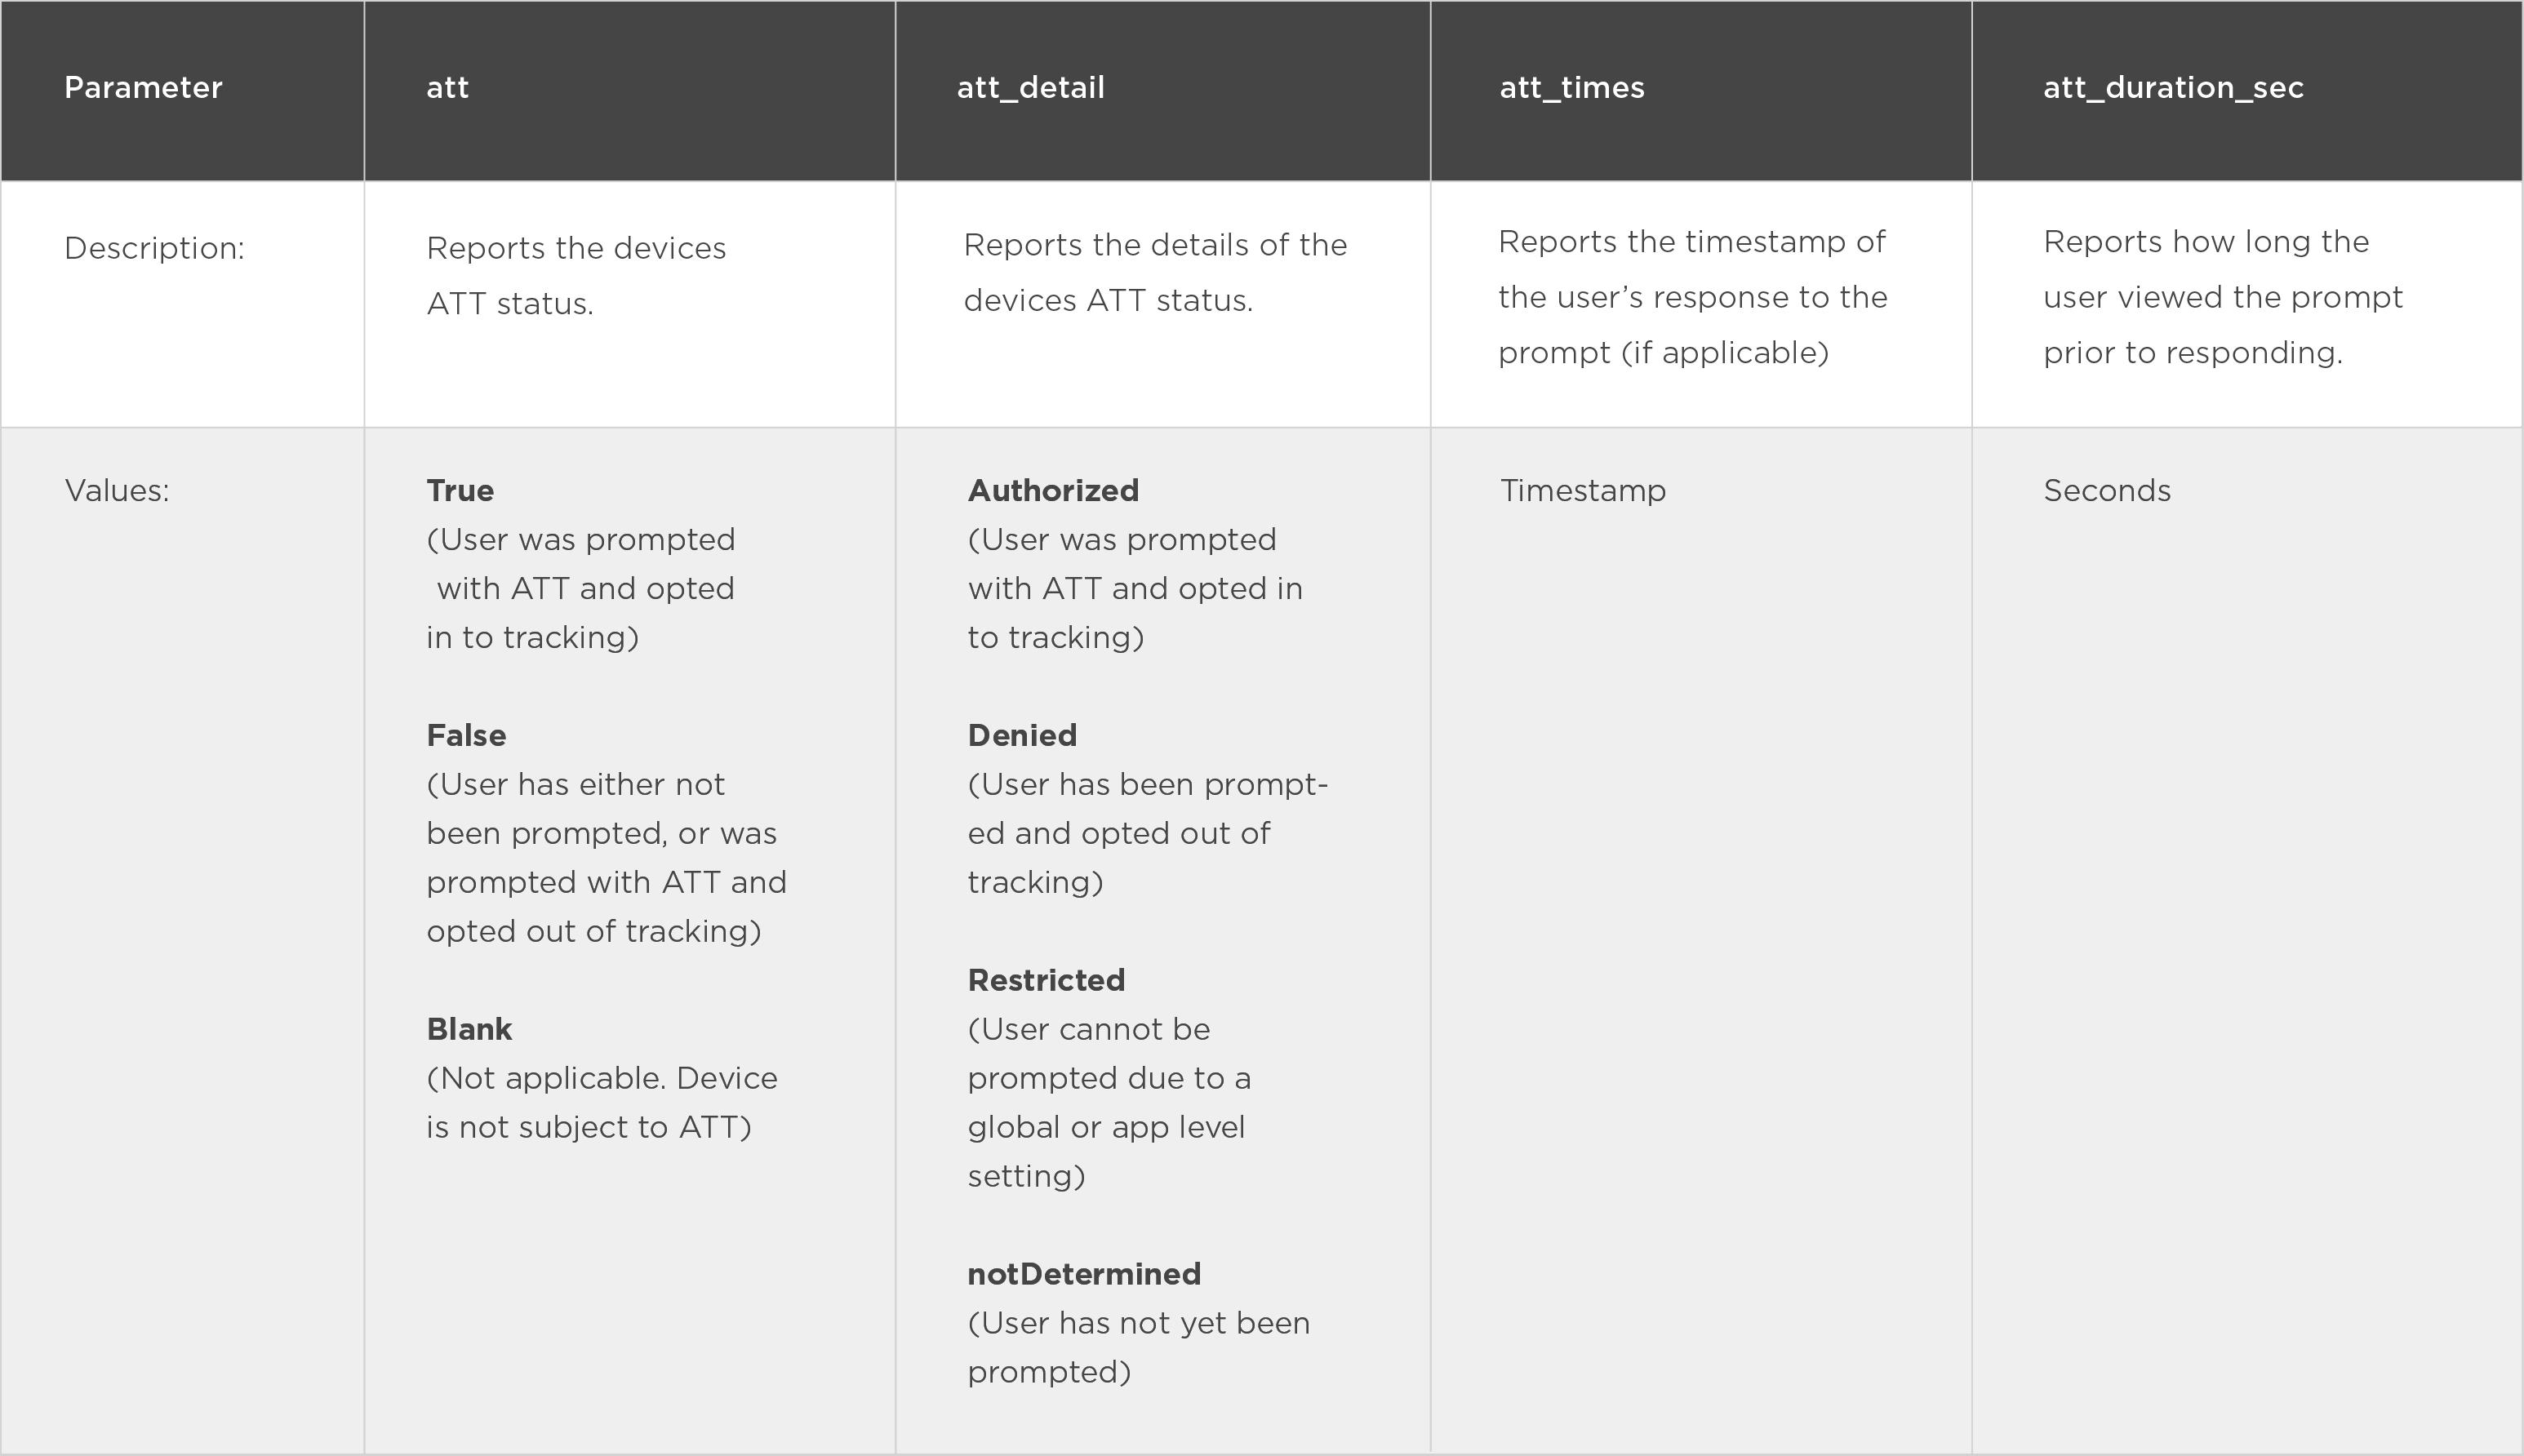 ATT Parameters in reporting